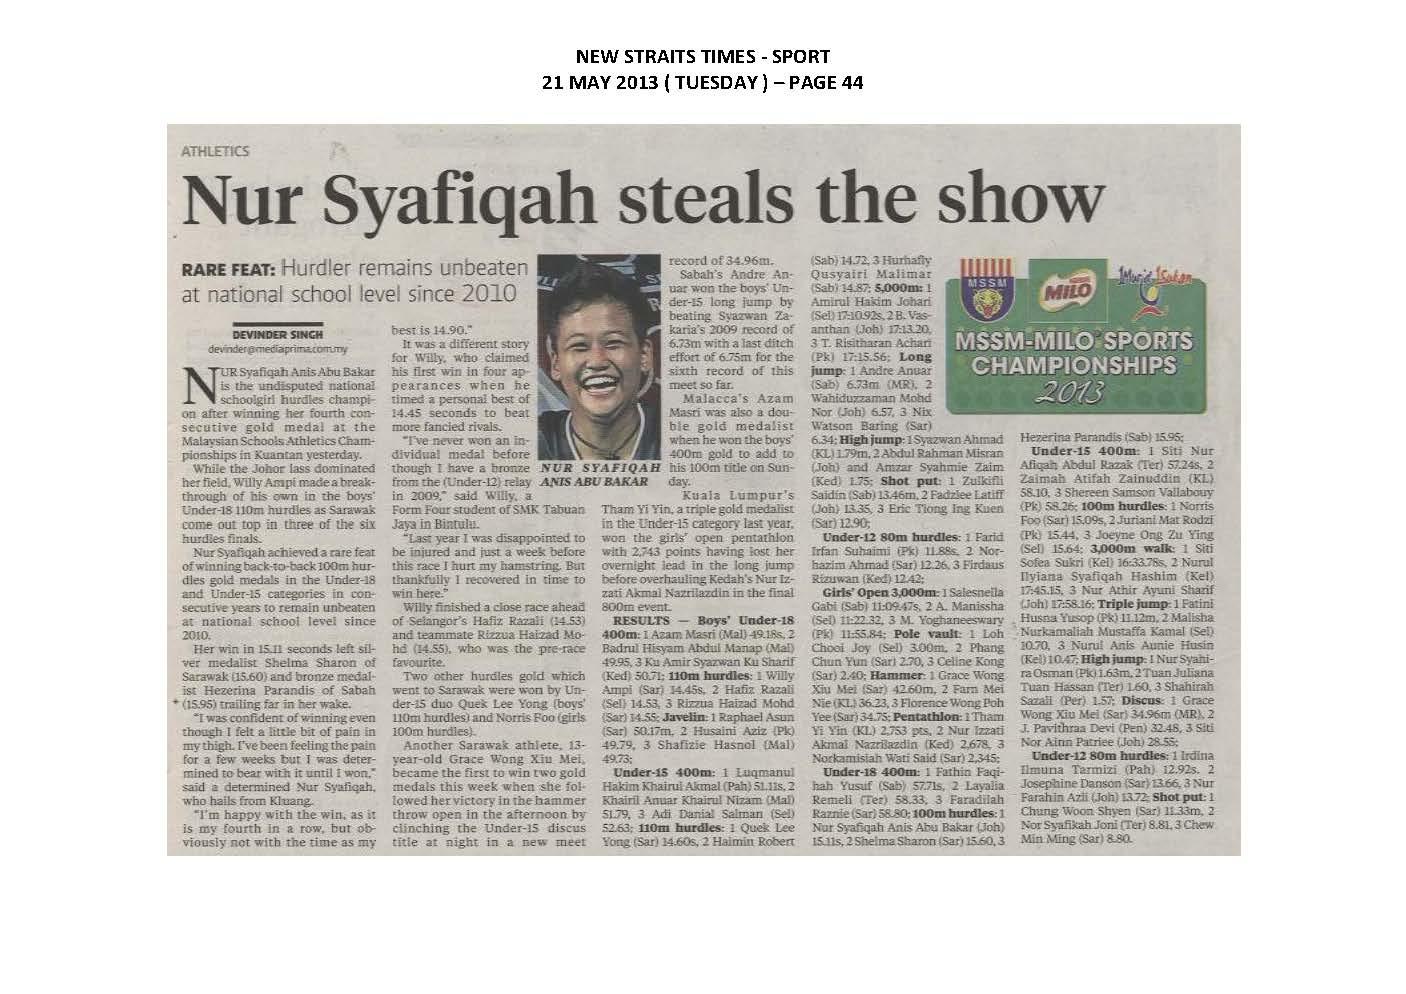 21.05.2013 - MSSM-MILO SPORTS CHAMPIONSHIPS 2013 - New Straits Times